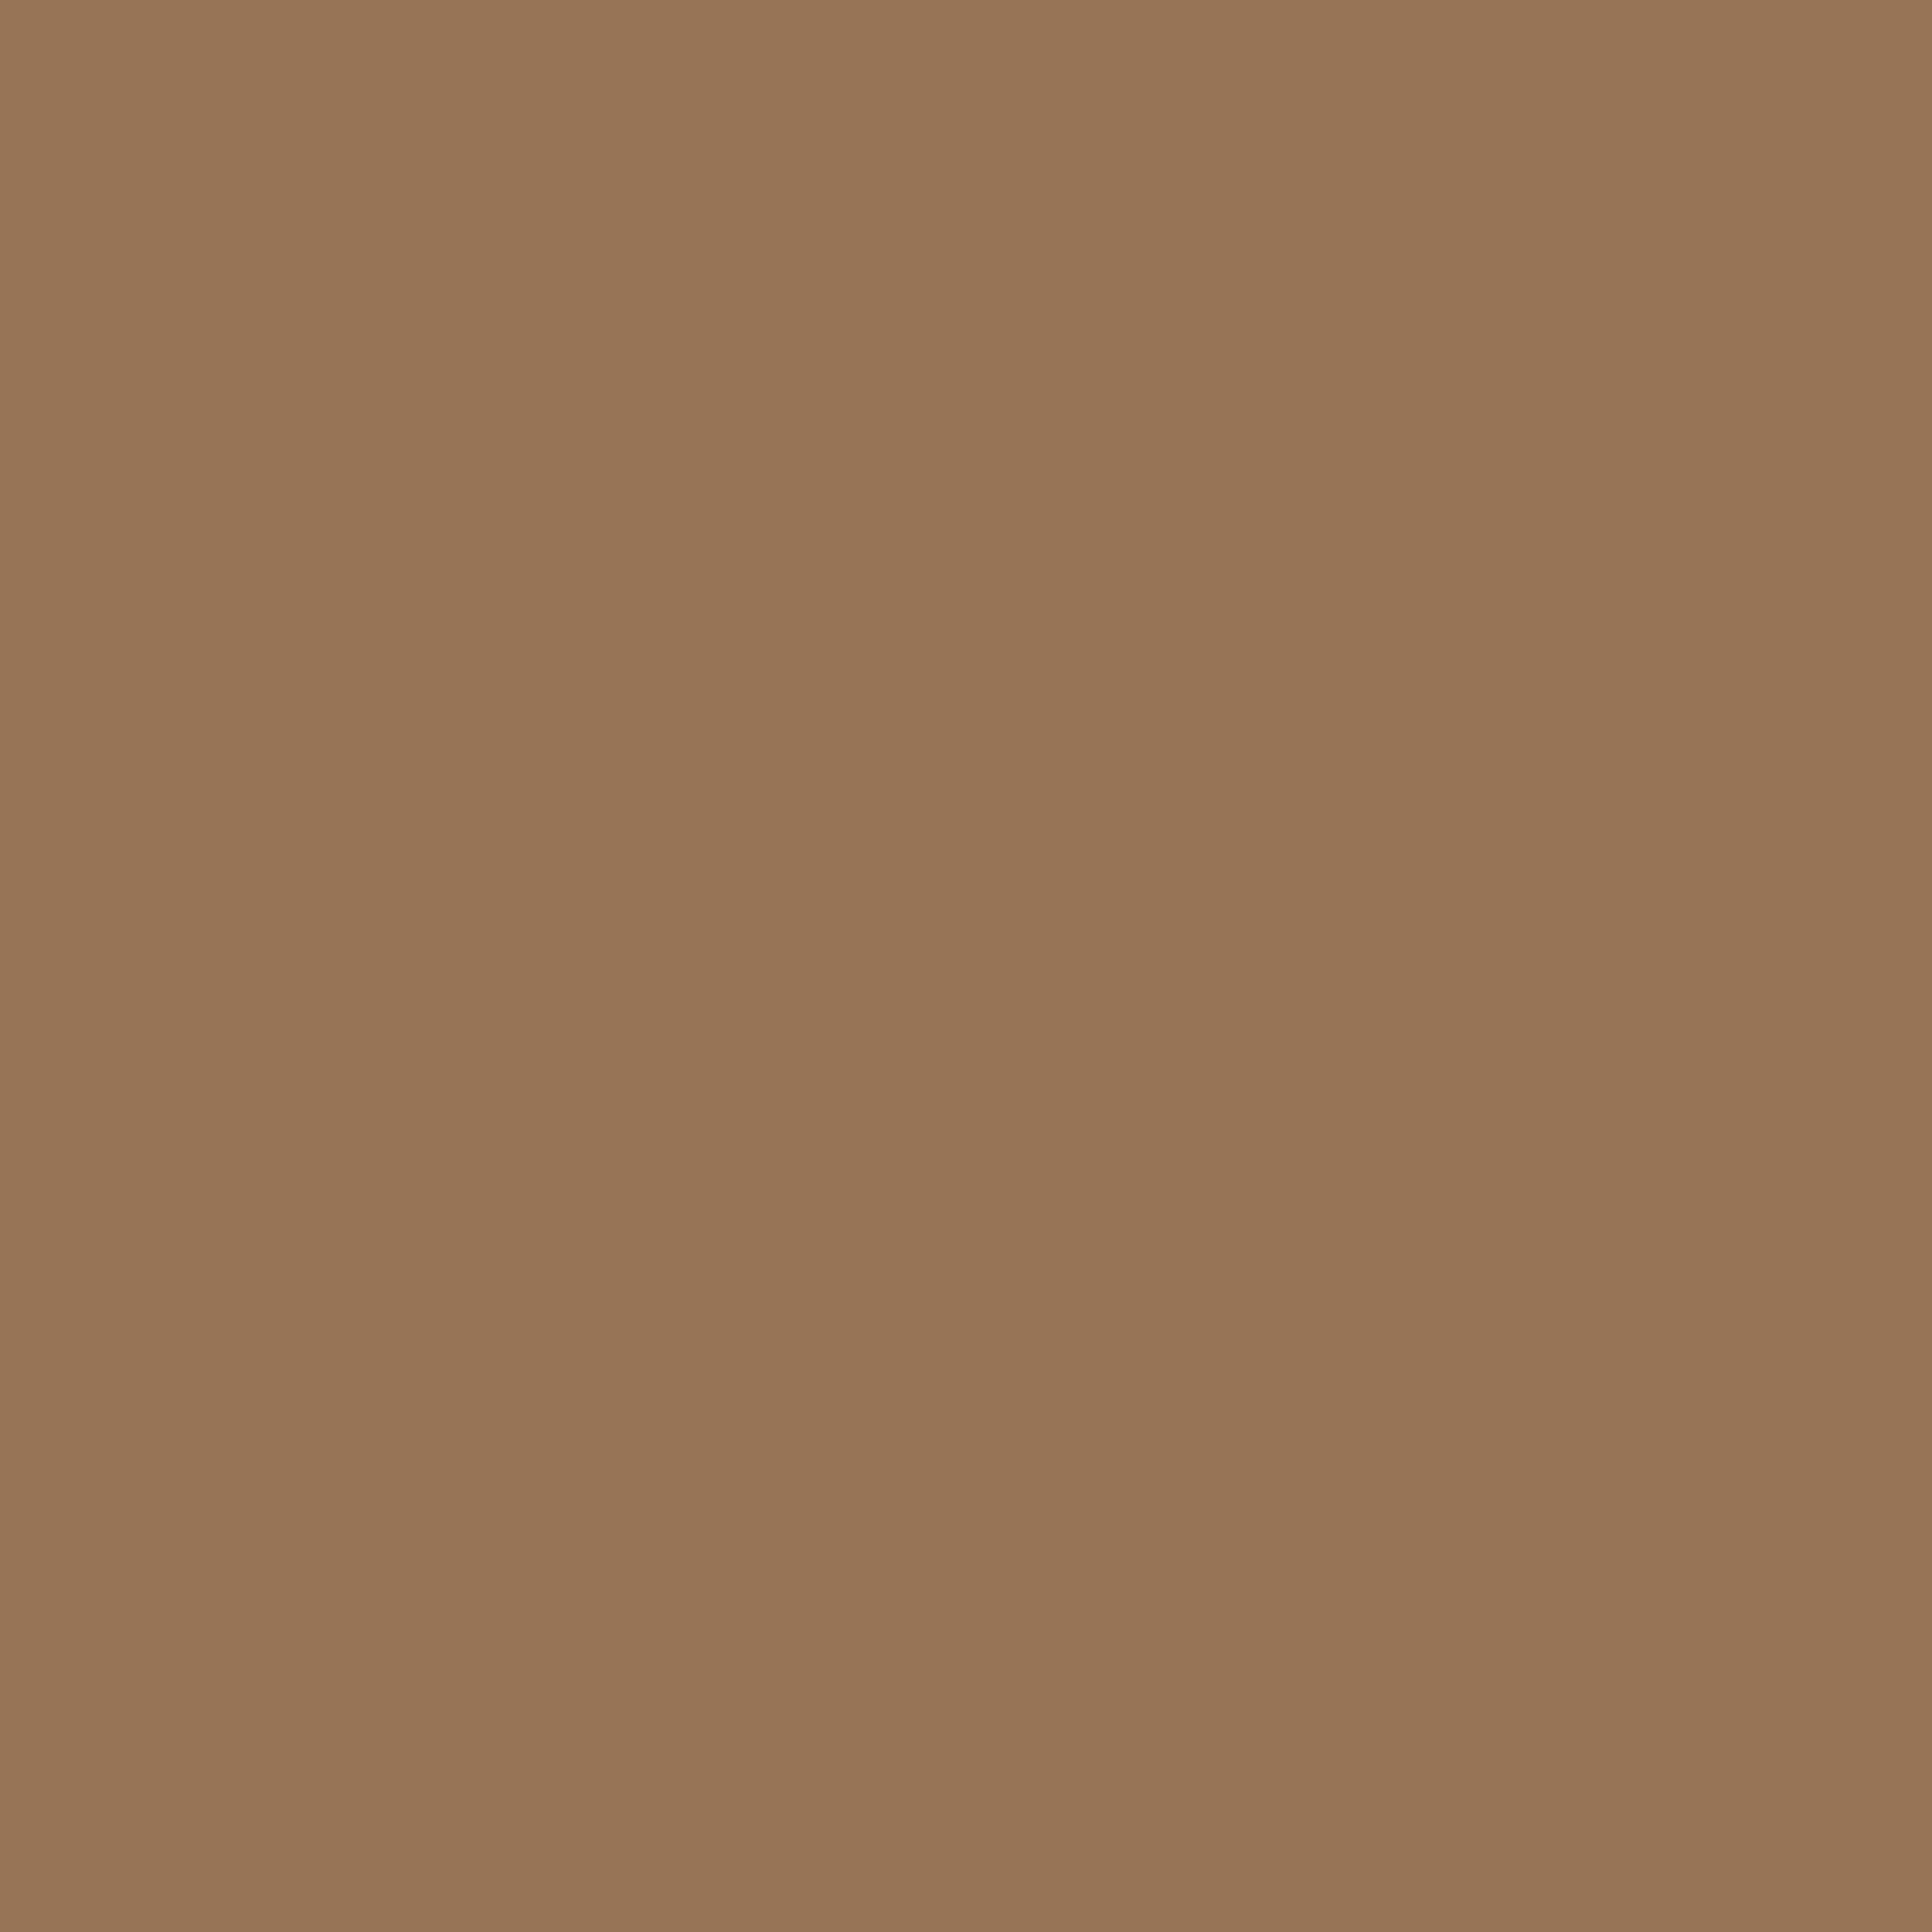 2048x2048 Liver Chestnut Solid Color Background